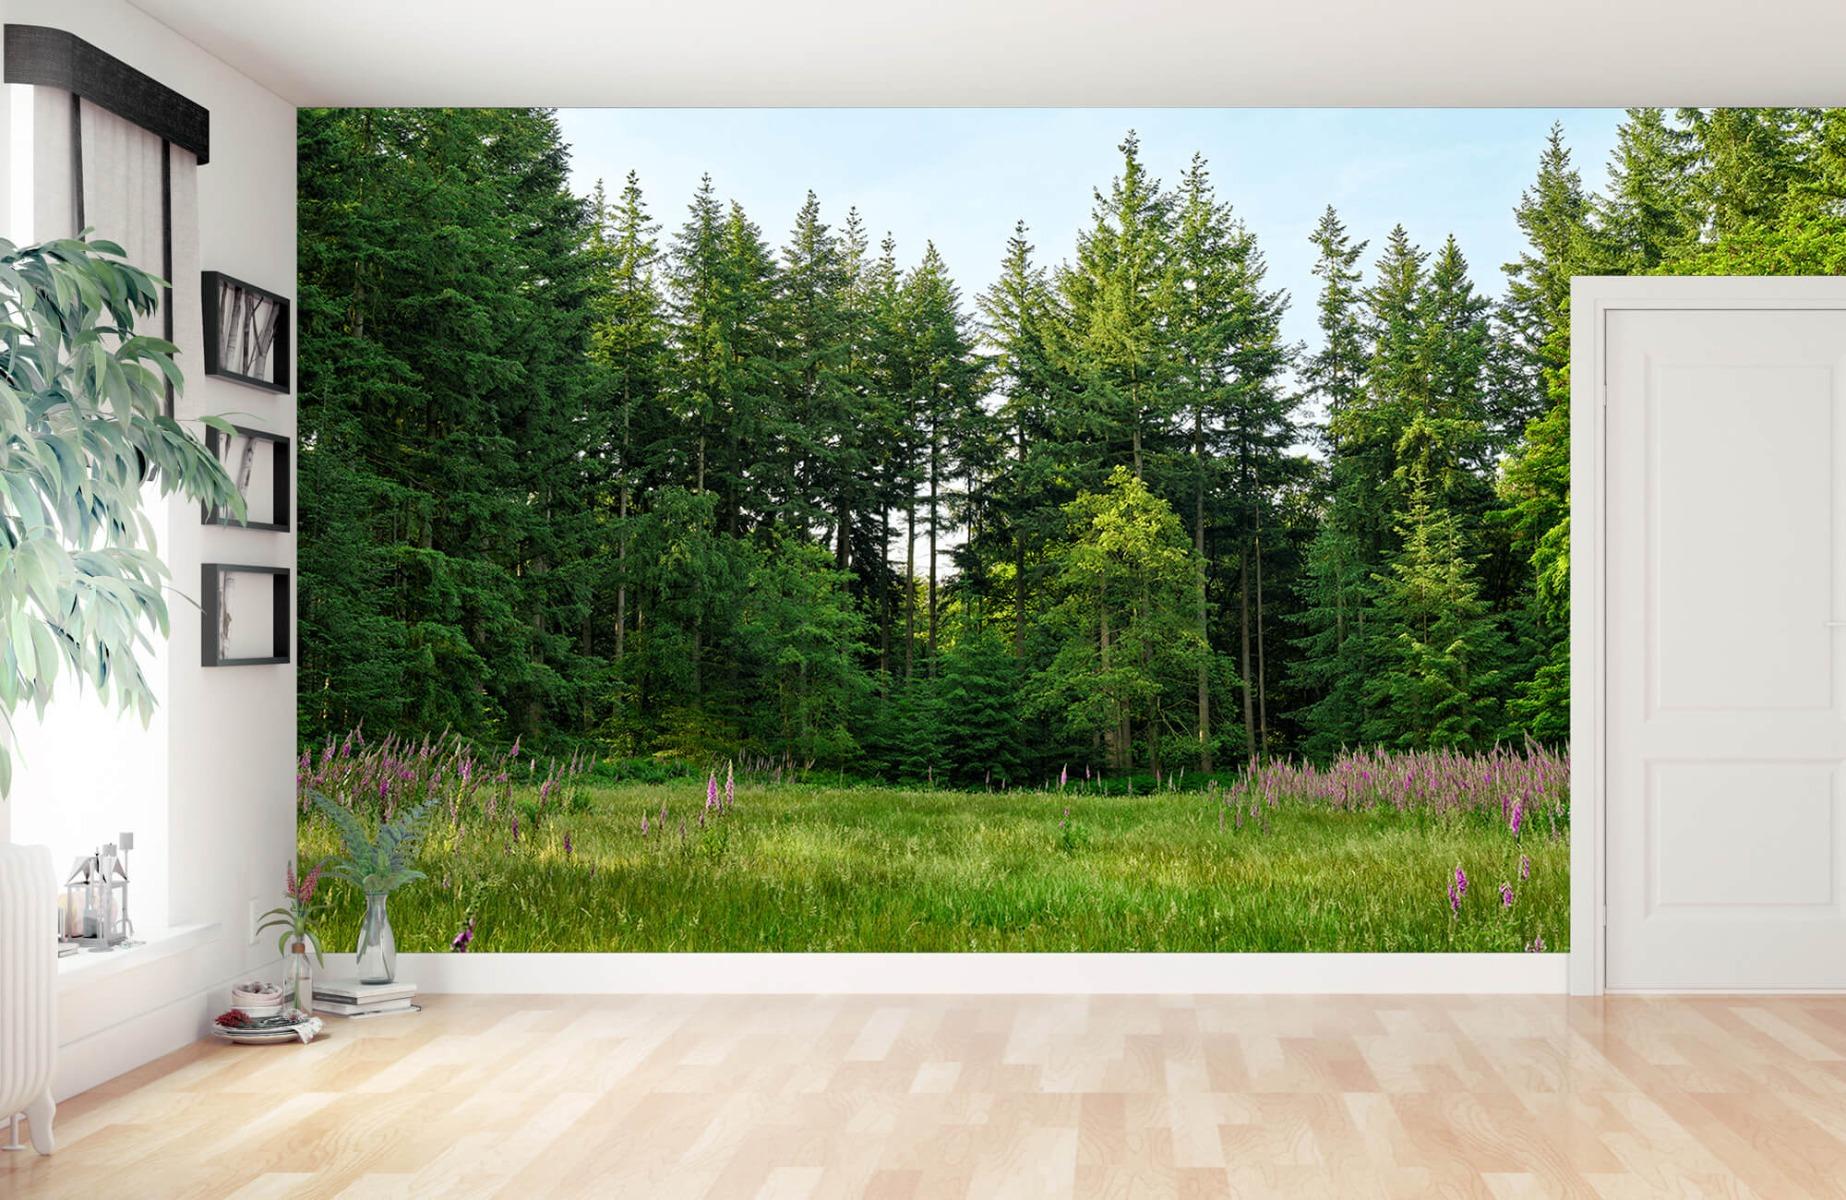 Bos behang - Open plek in het bos - Wallexclusive - Slaapkamer 13